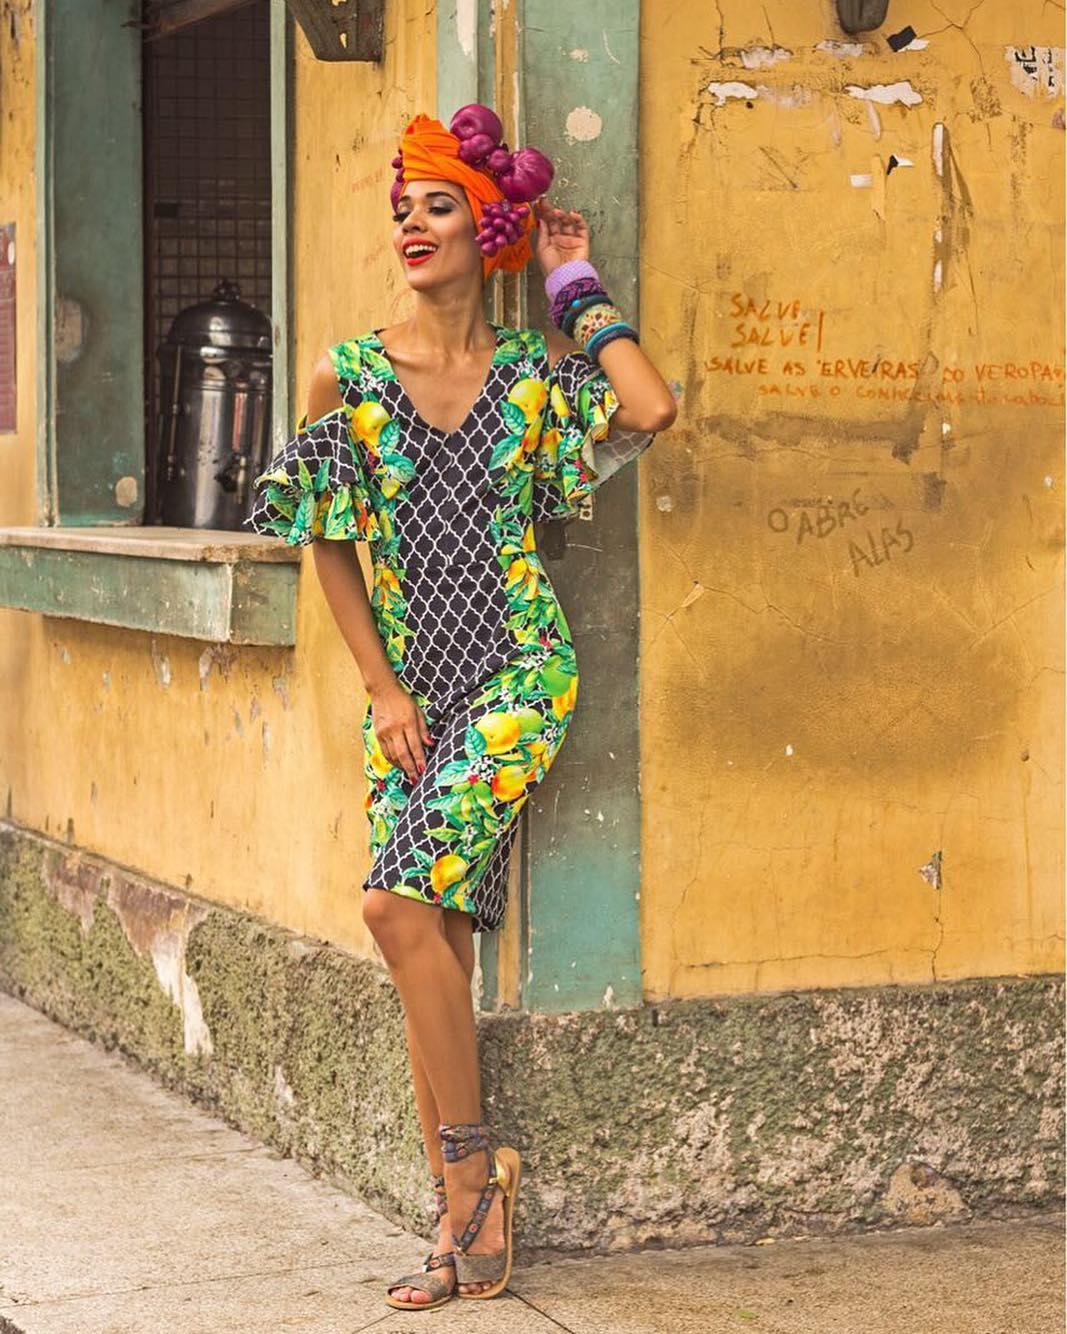 miss marajo, ilha do (miss ilha do marajo) mundo 2017, flavia lacerda. 16230810